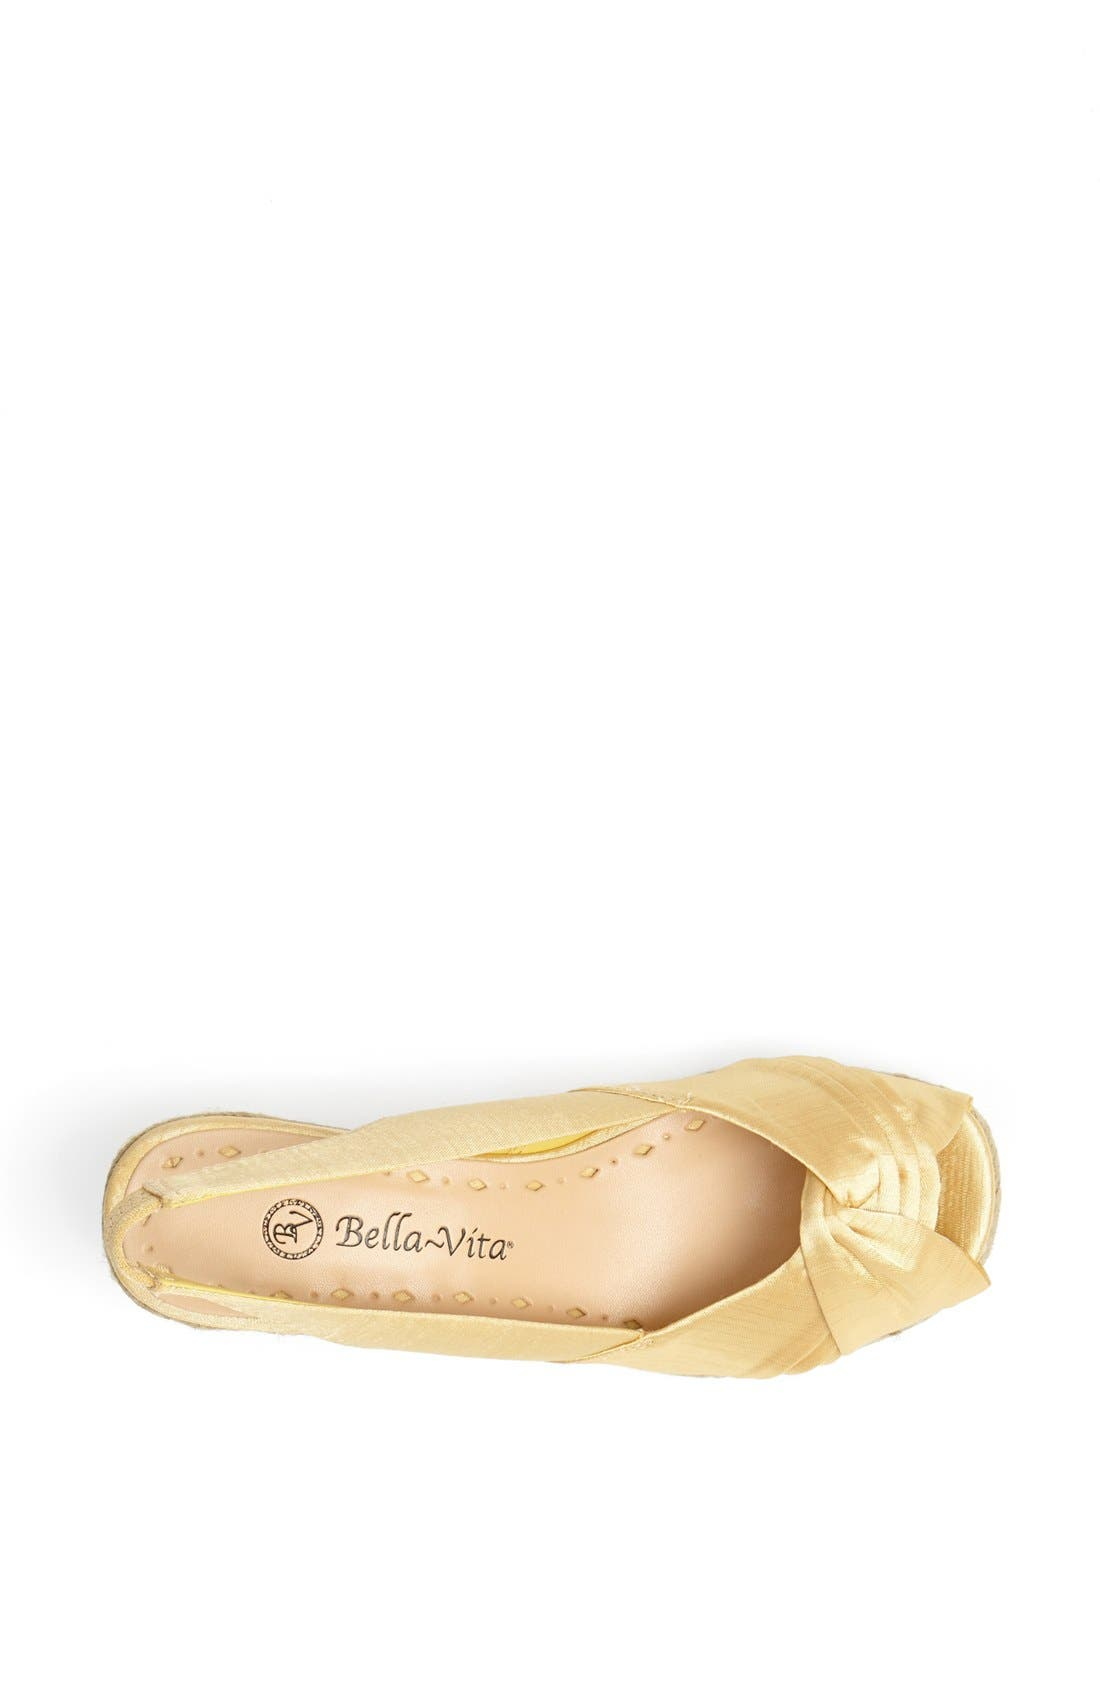 Alternate Image 3  - Bella Vita 'Sangria' Peep Toe Wedge Espadrille